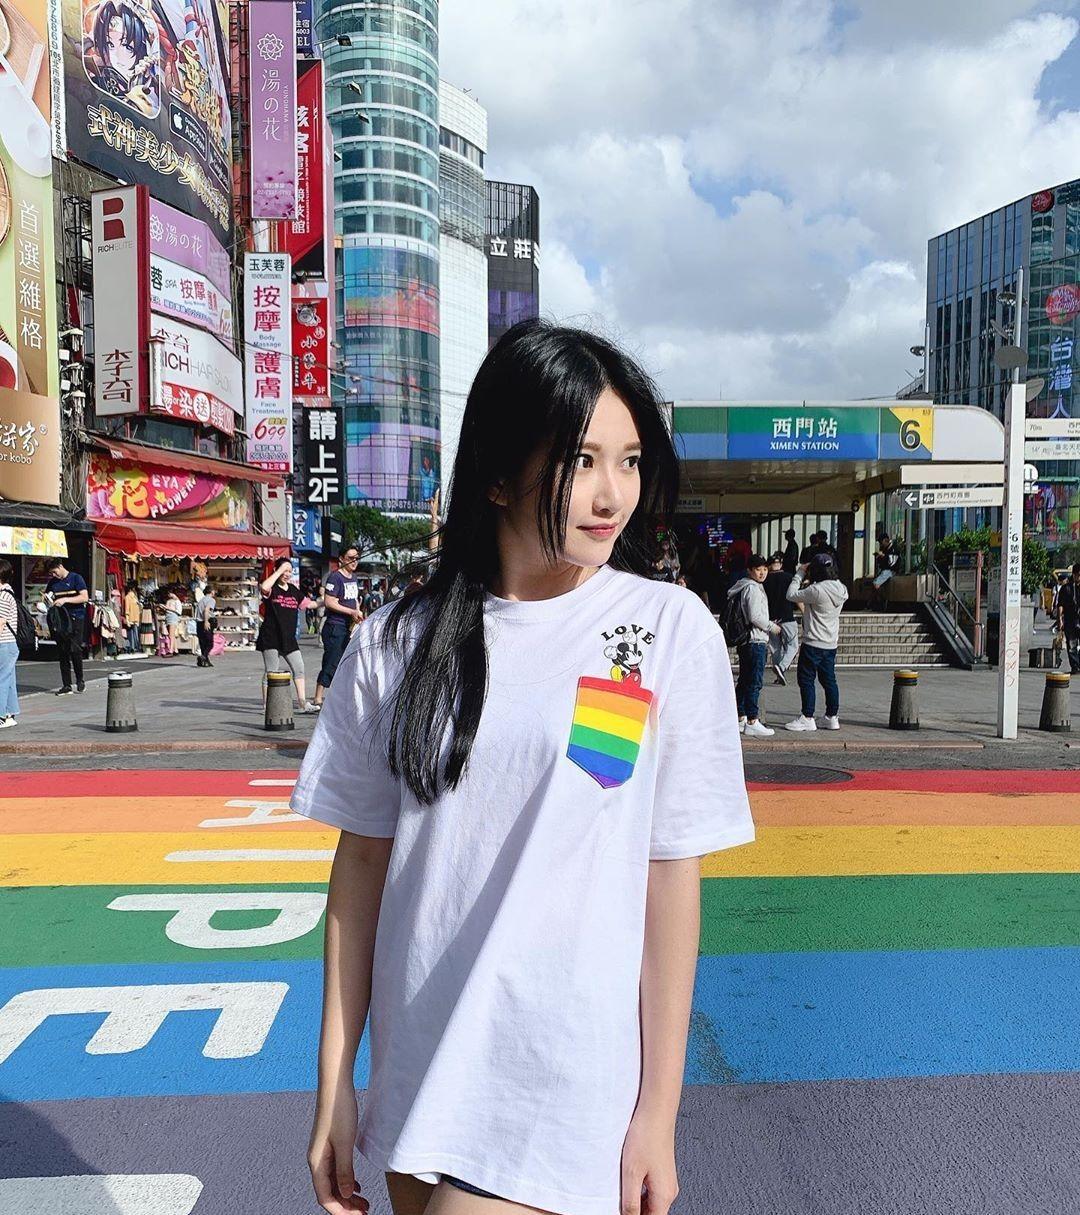 长相清秀的女大学生穿着白色T恤,灿烂的阳光邂逅了她最美的青春